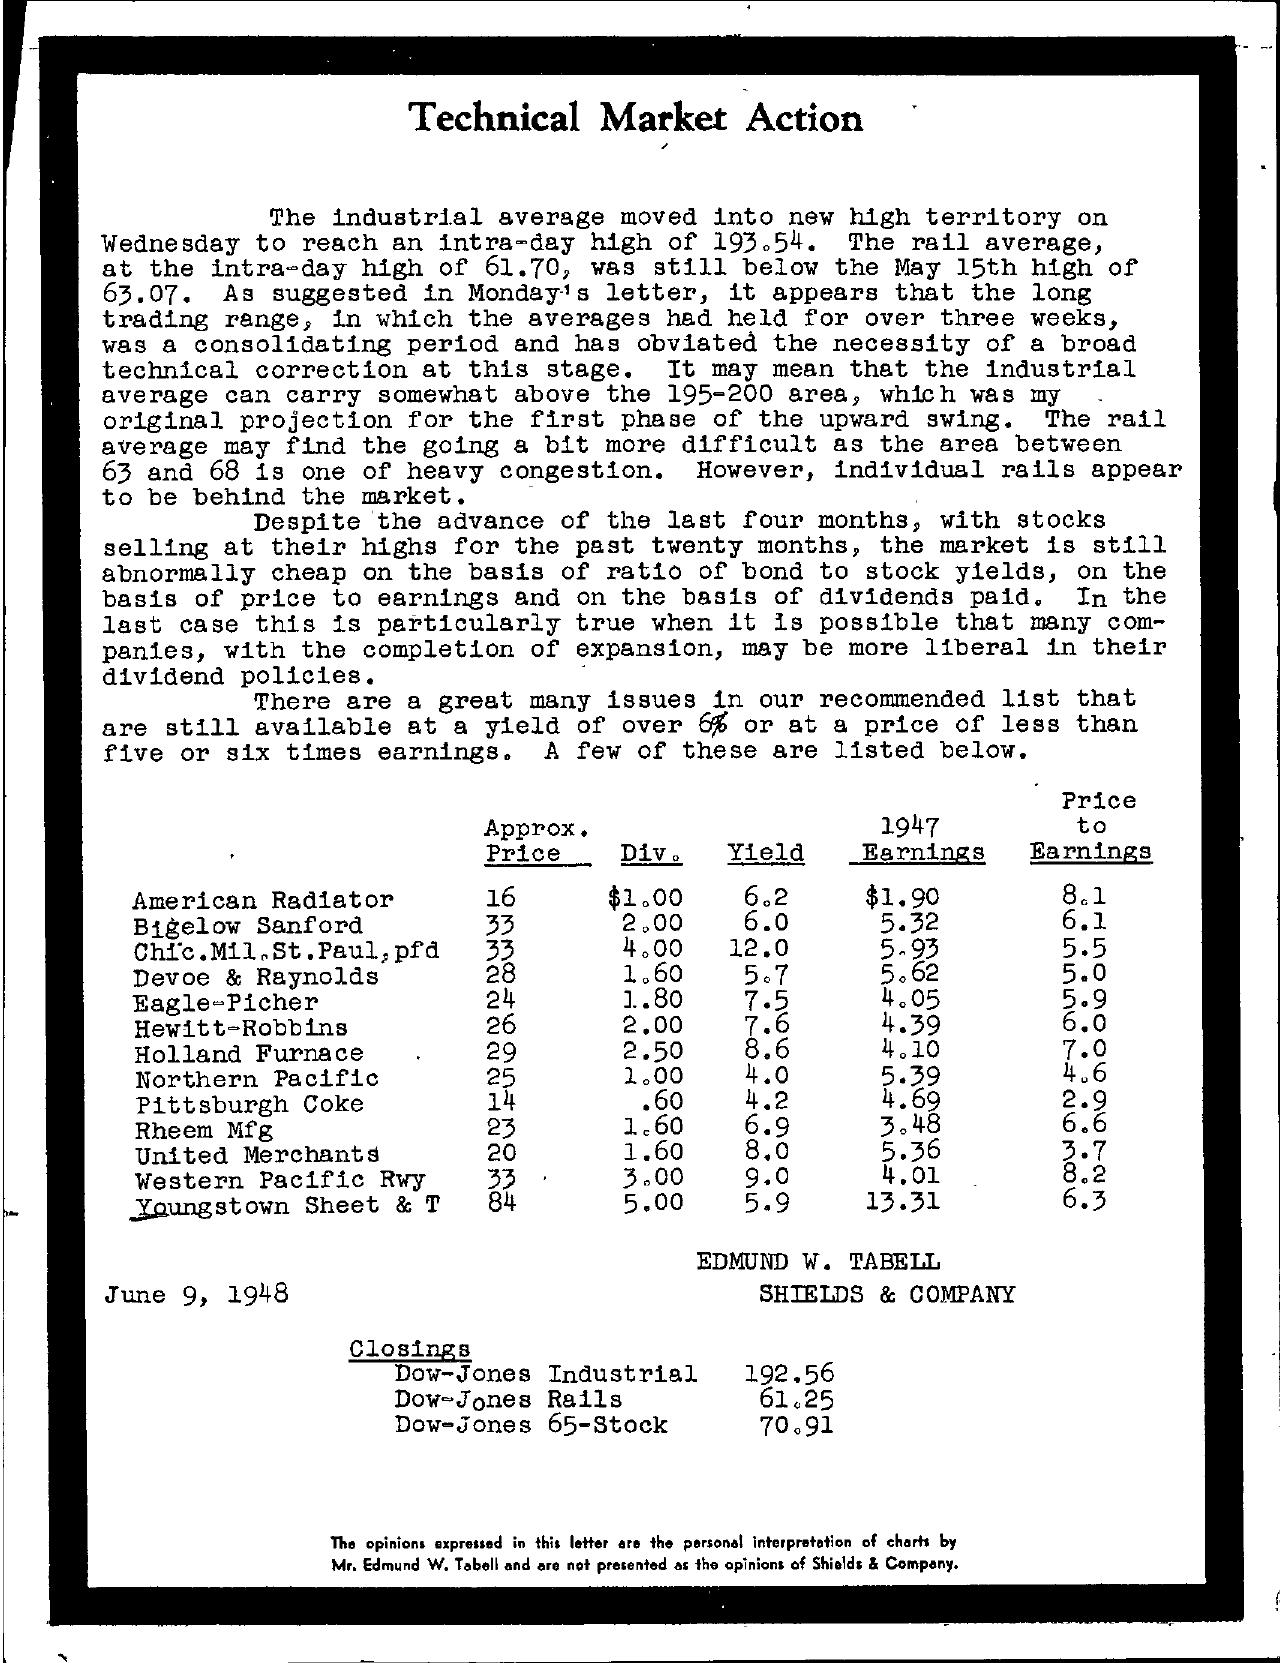 Tabell's Market Letter - June 09, 1948